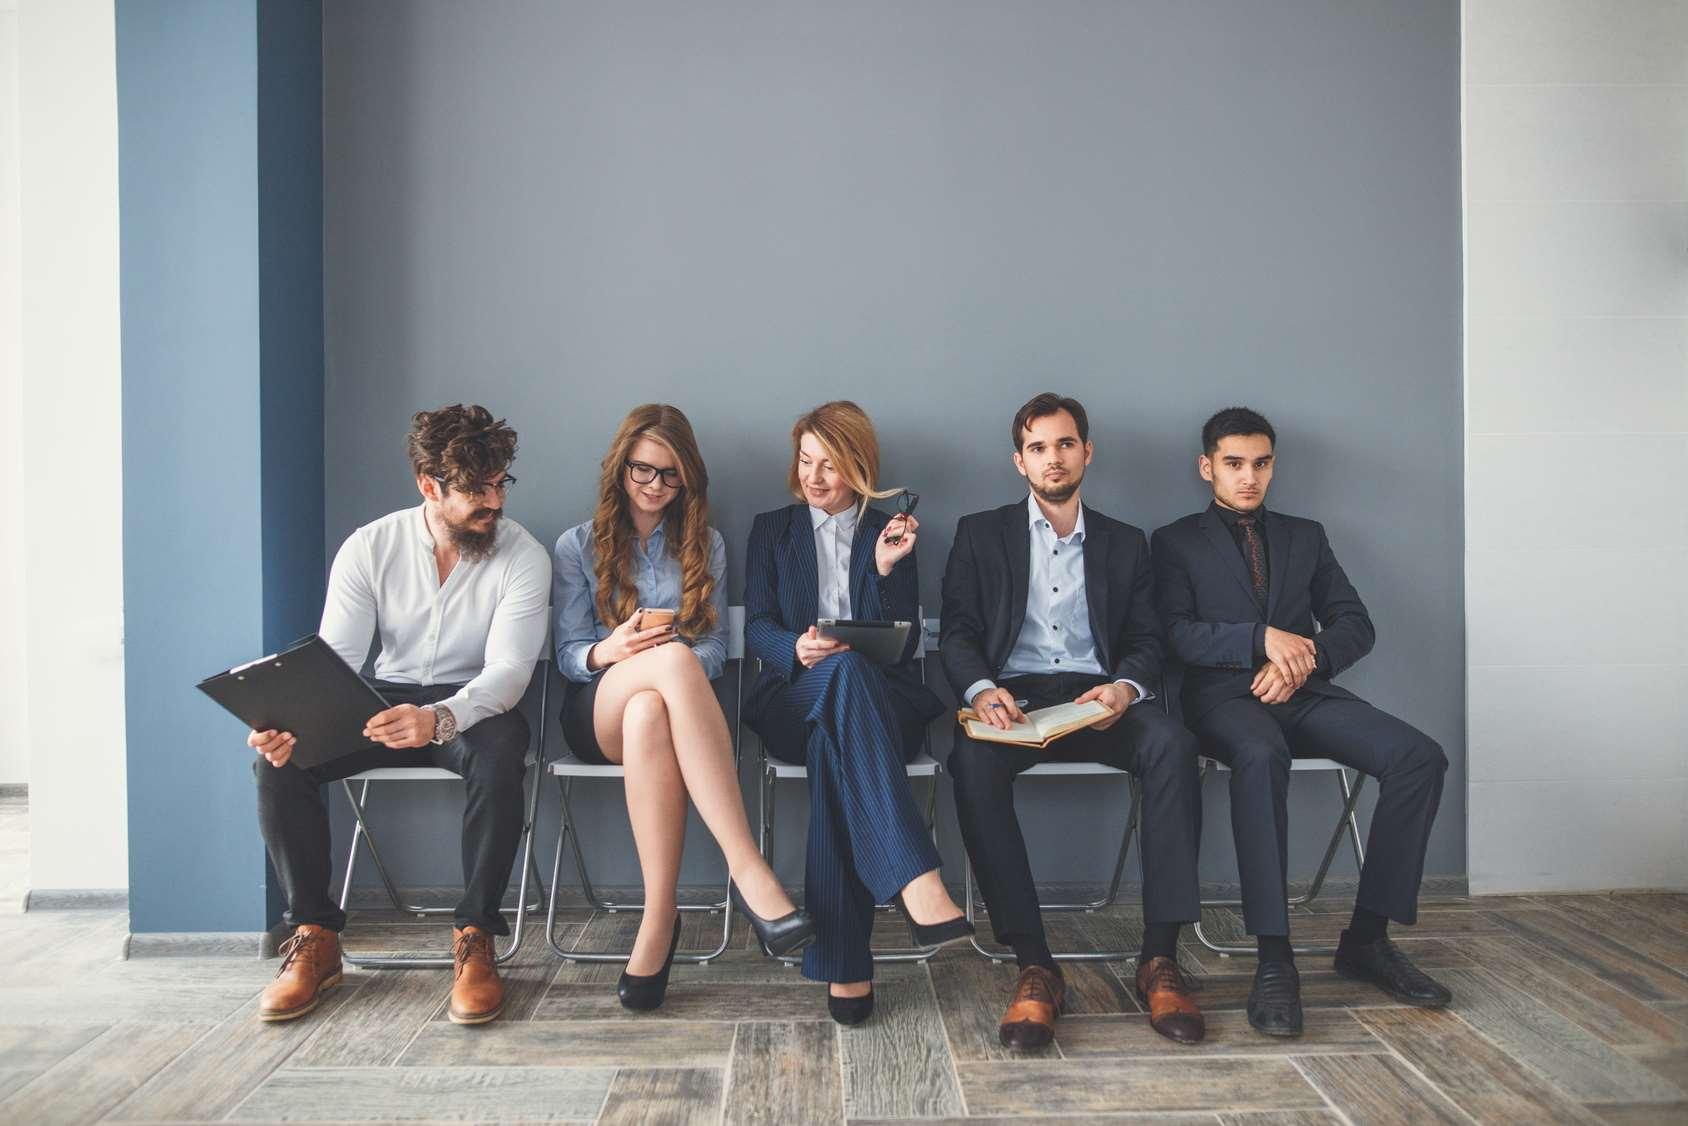 Całkowity koszt zatrudnienia pracownika - o czym musimy wiedzieć?